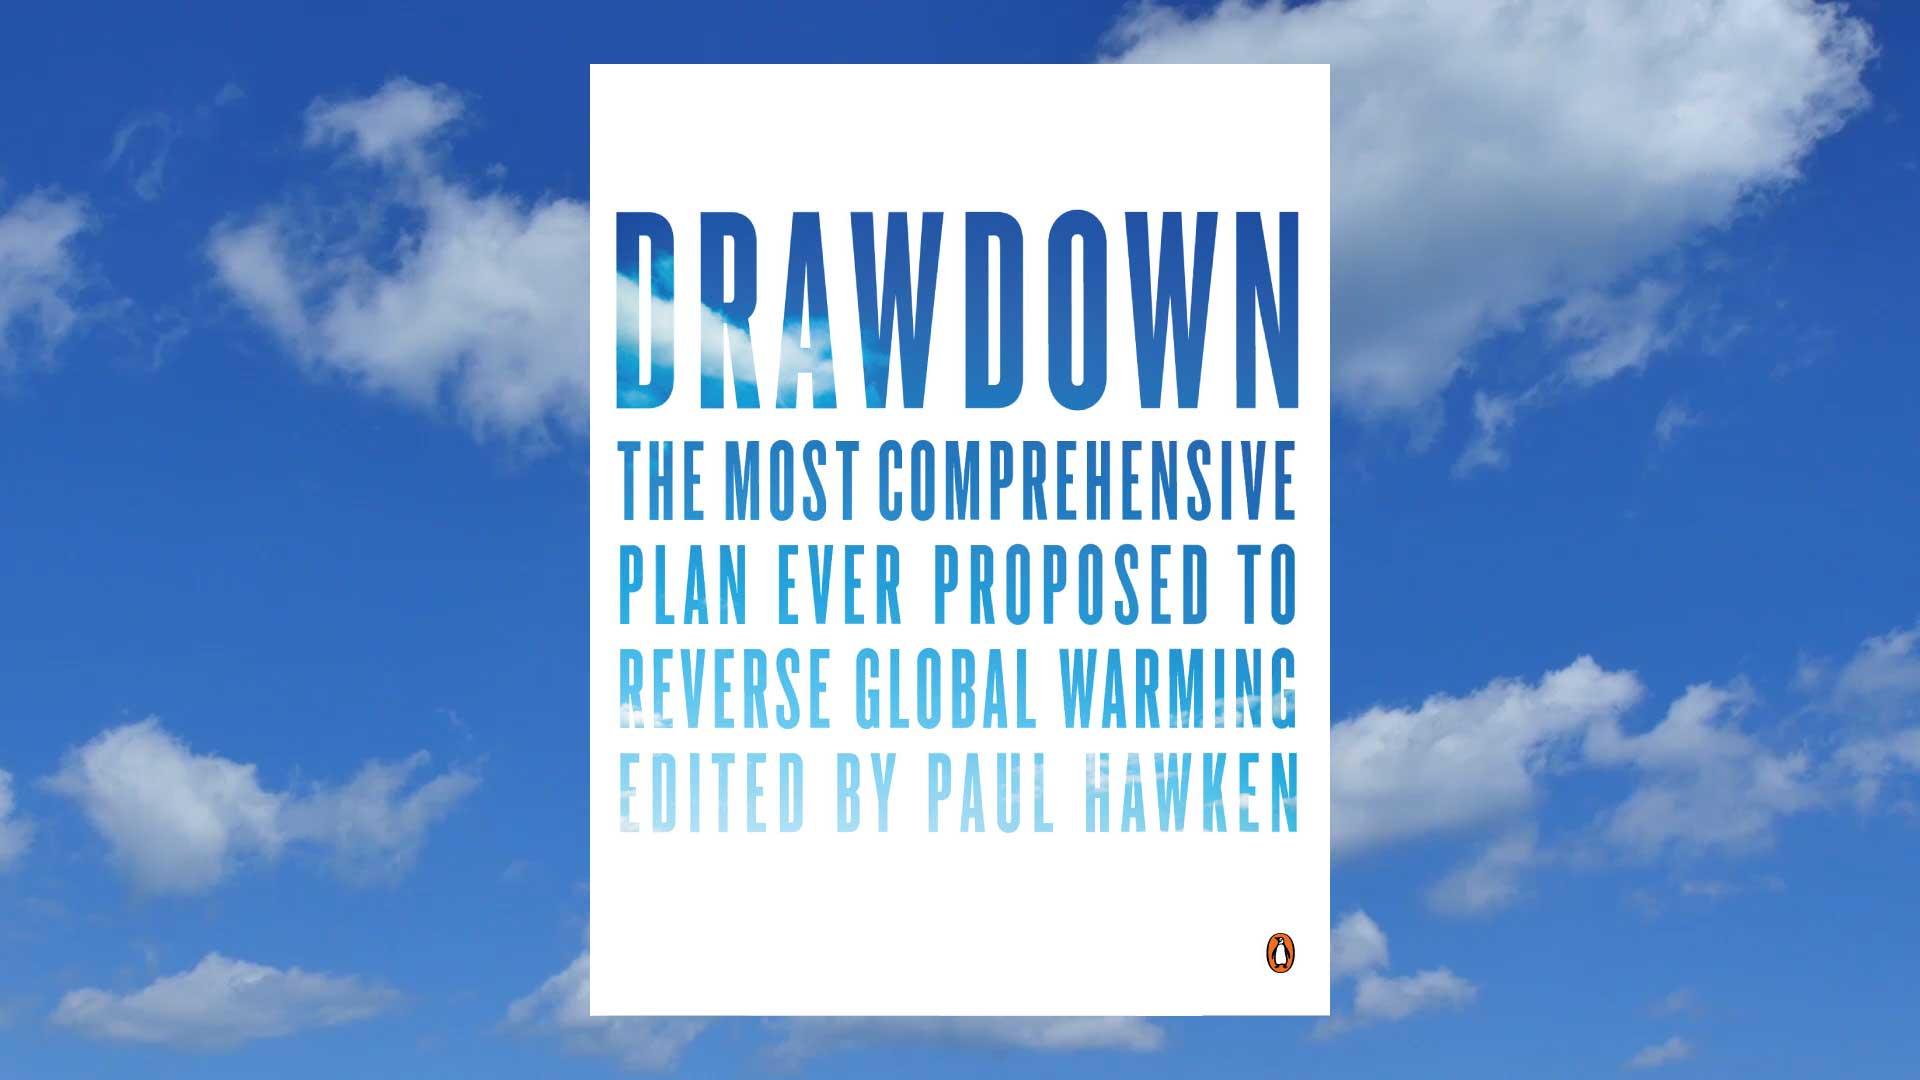 drawdown-by-paul-hawken